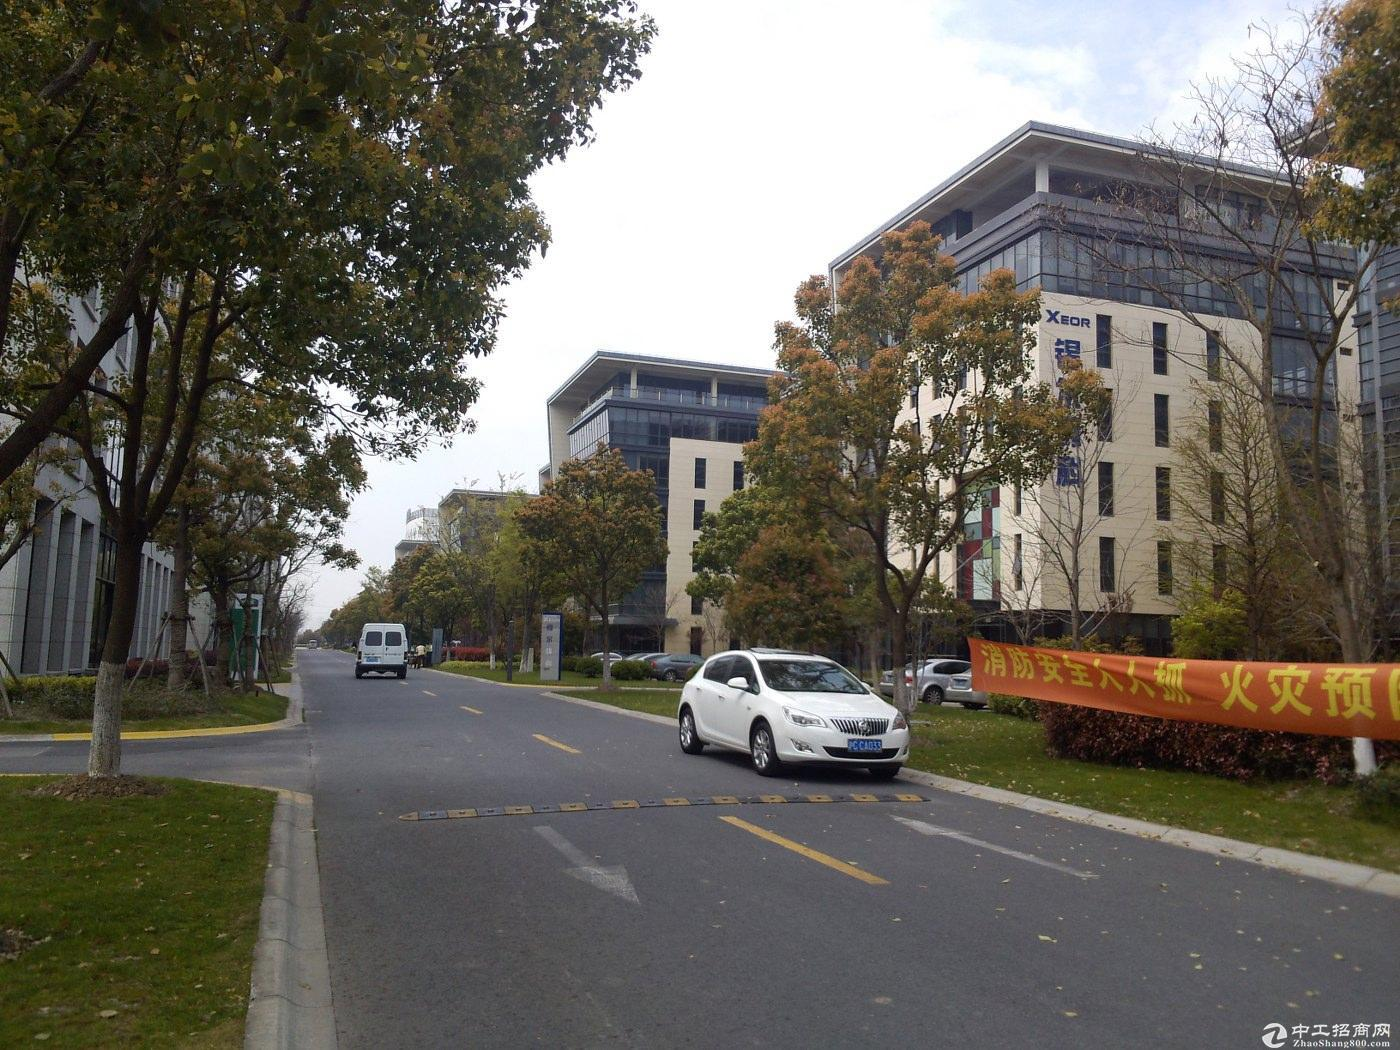 嘉定南翔企业公馆独栋四层绿证104板块可研发办公别墅类厂房售